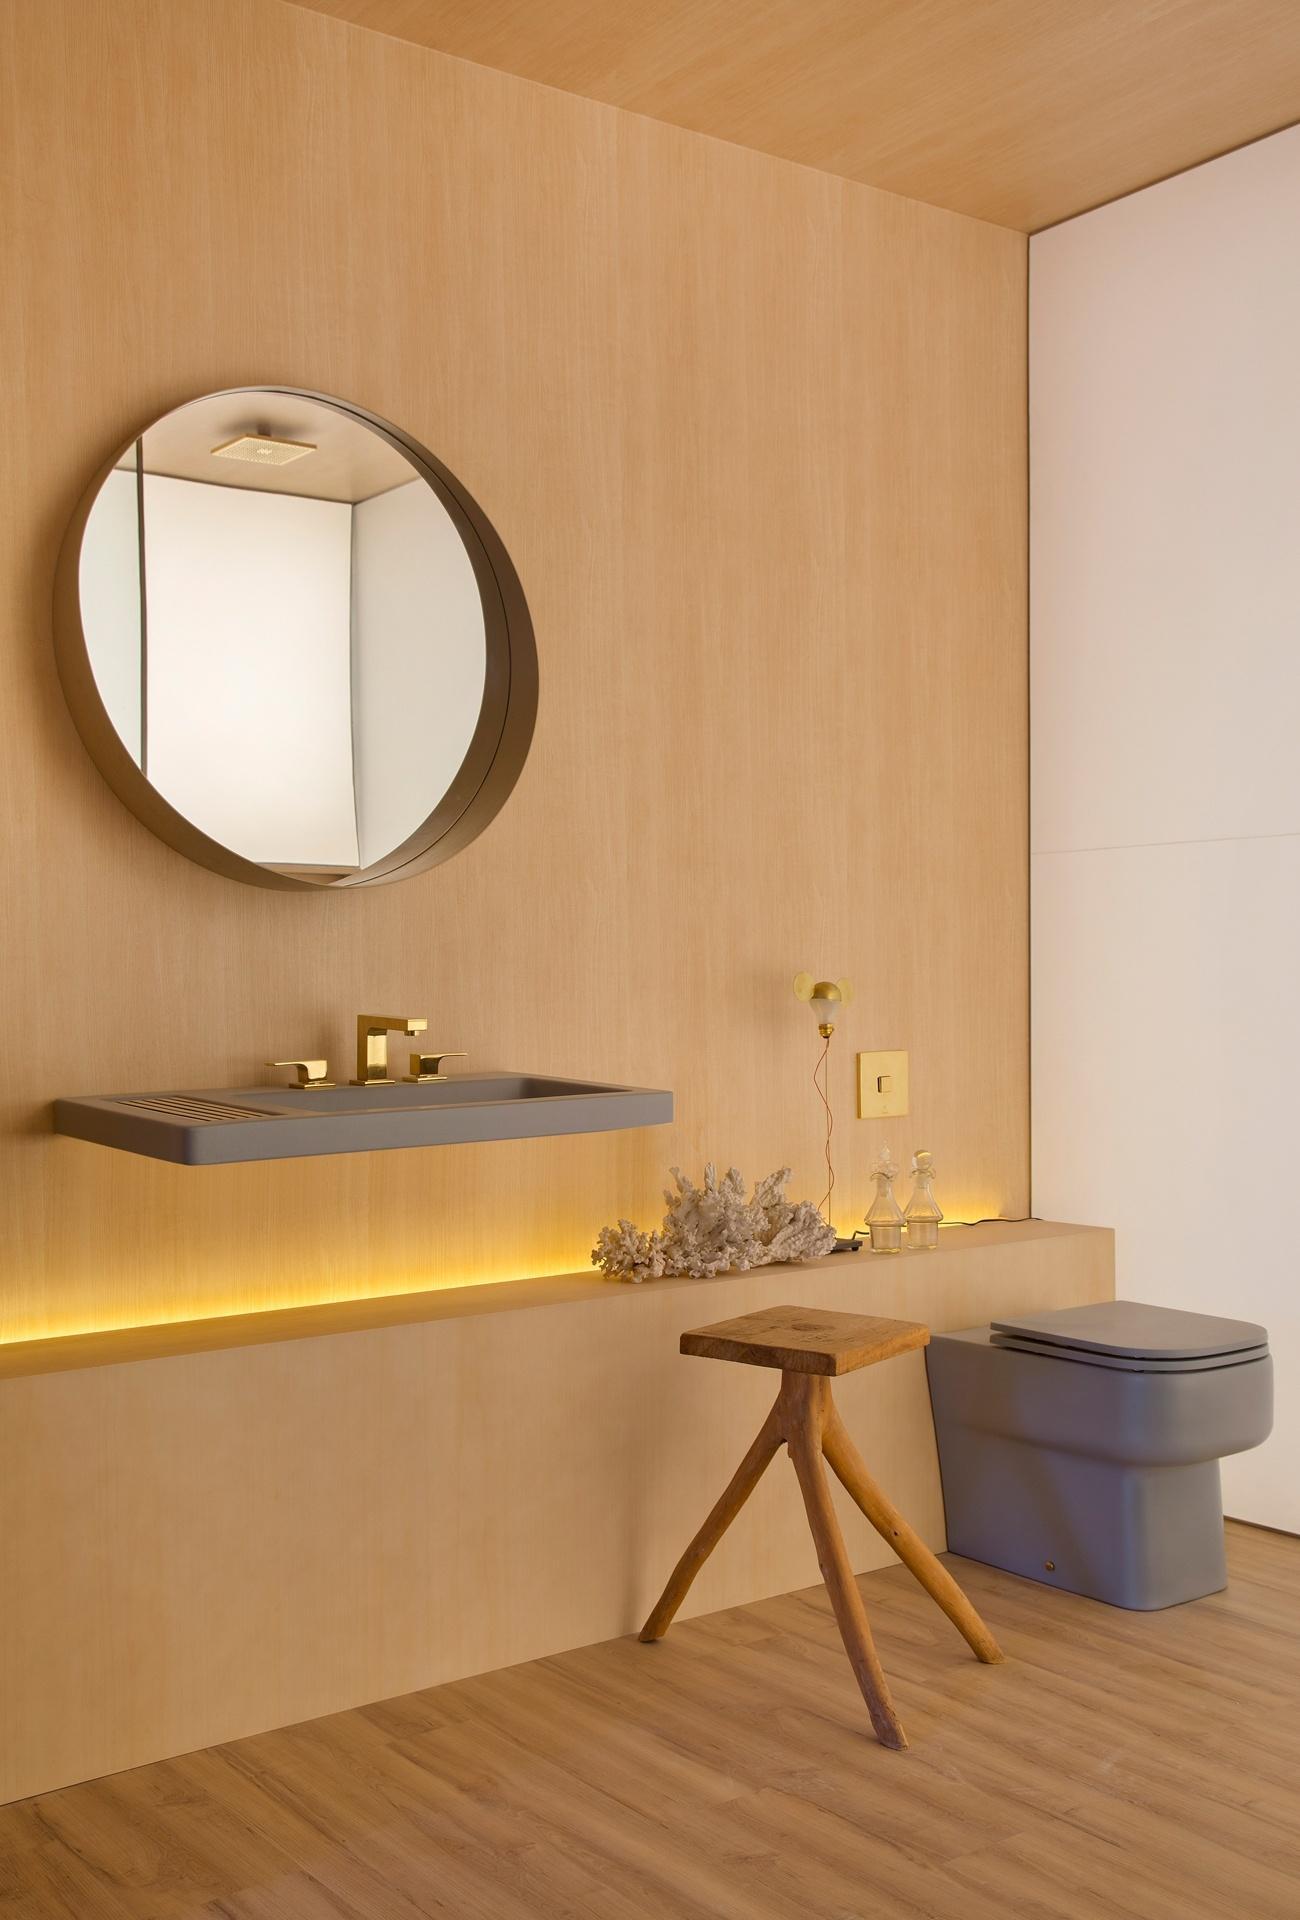 Banheiros: sugestões para decoração tendo muito ou pouco espaço  #BD840E 1300x1920 Banheiro Bege Com Cuba Branca